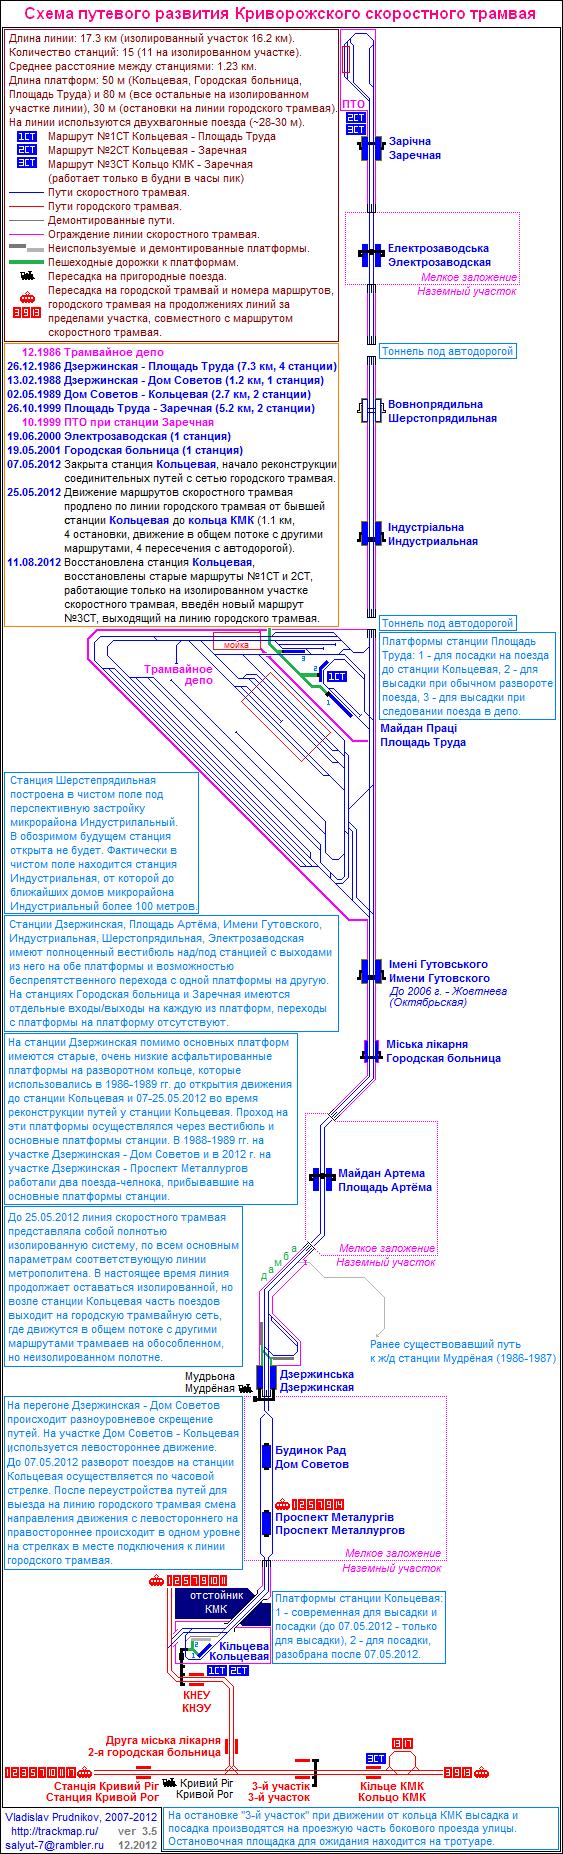 схема электротранспорта волгограда